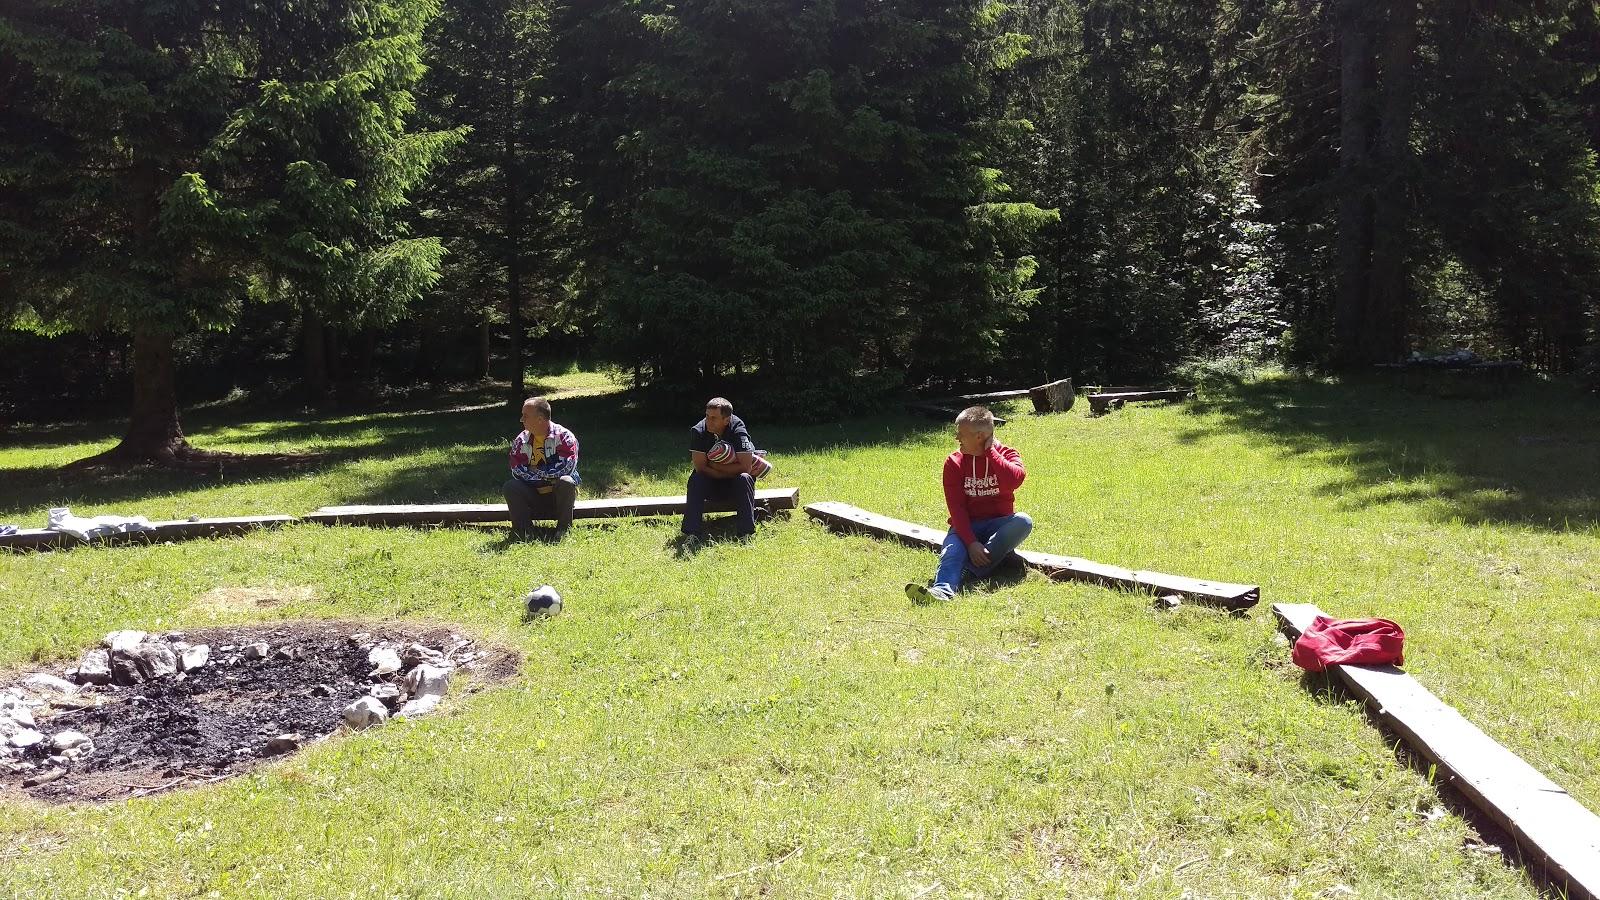 Piknik s starši 2015, Črni dol, 21. 6. 2015 - IMAG0187.jpg